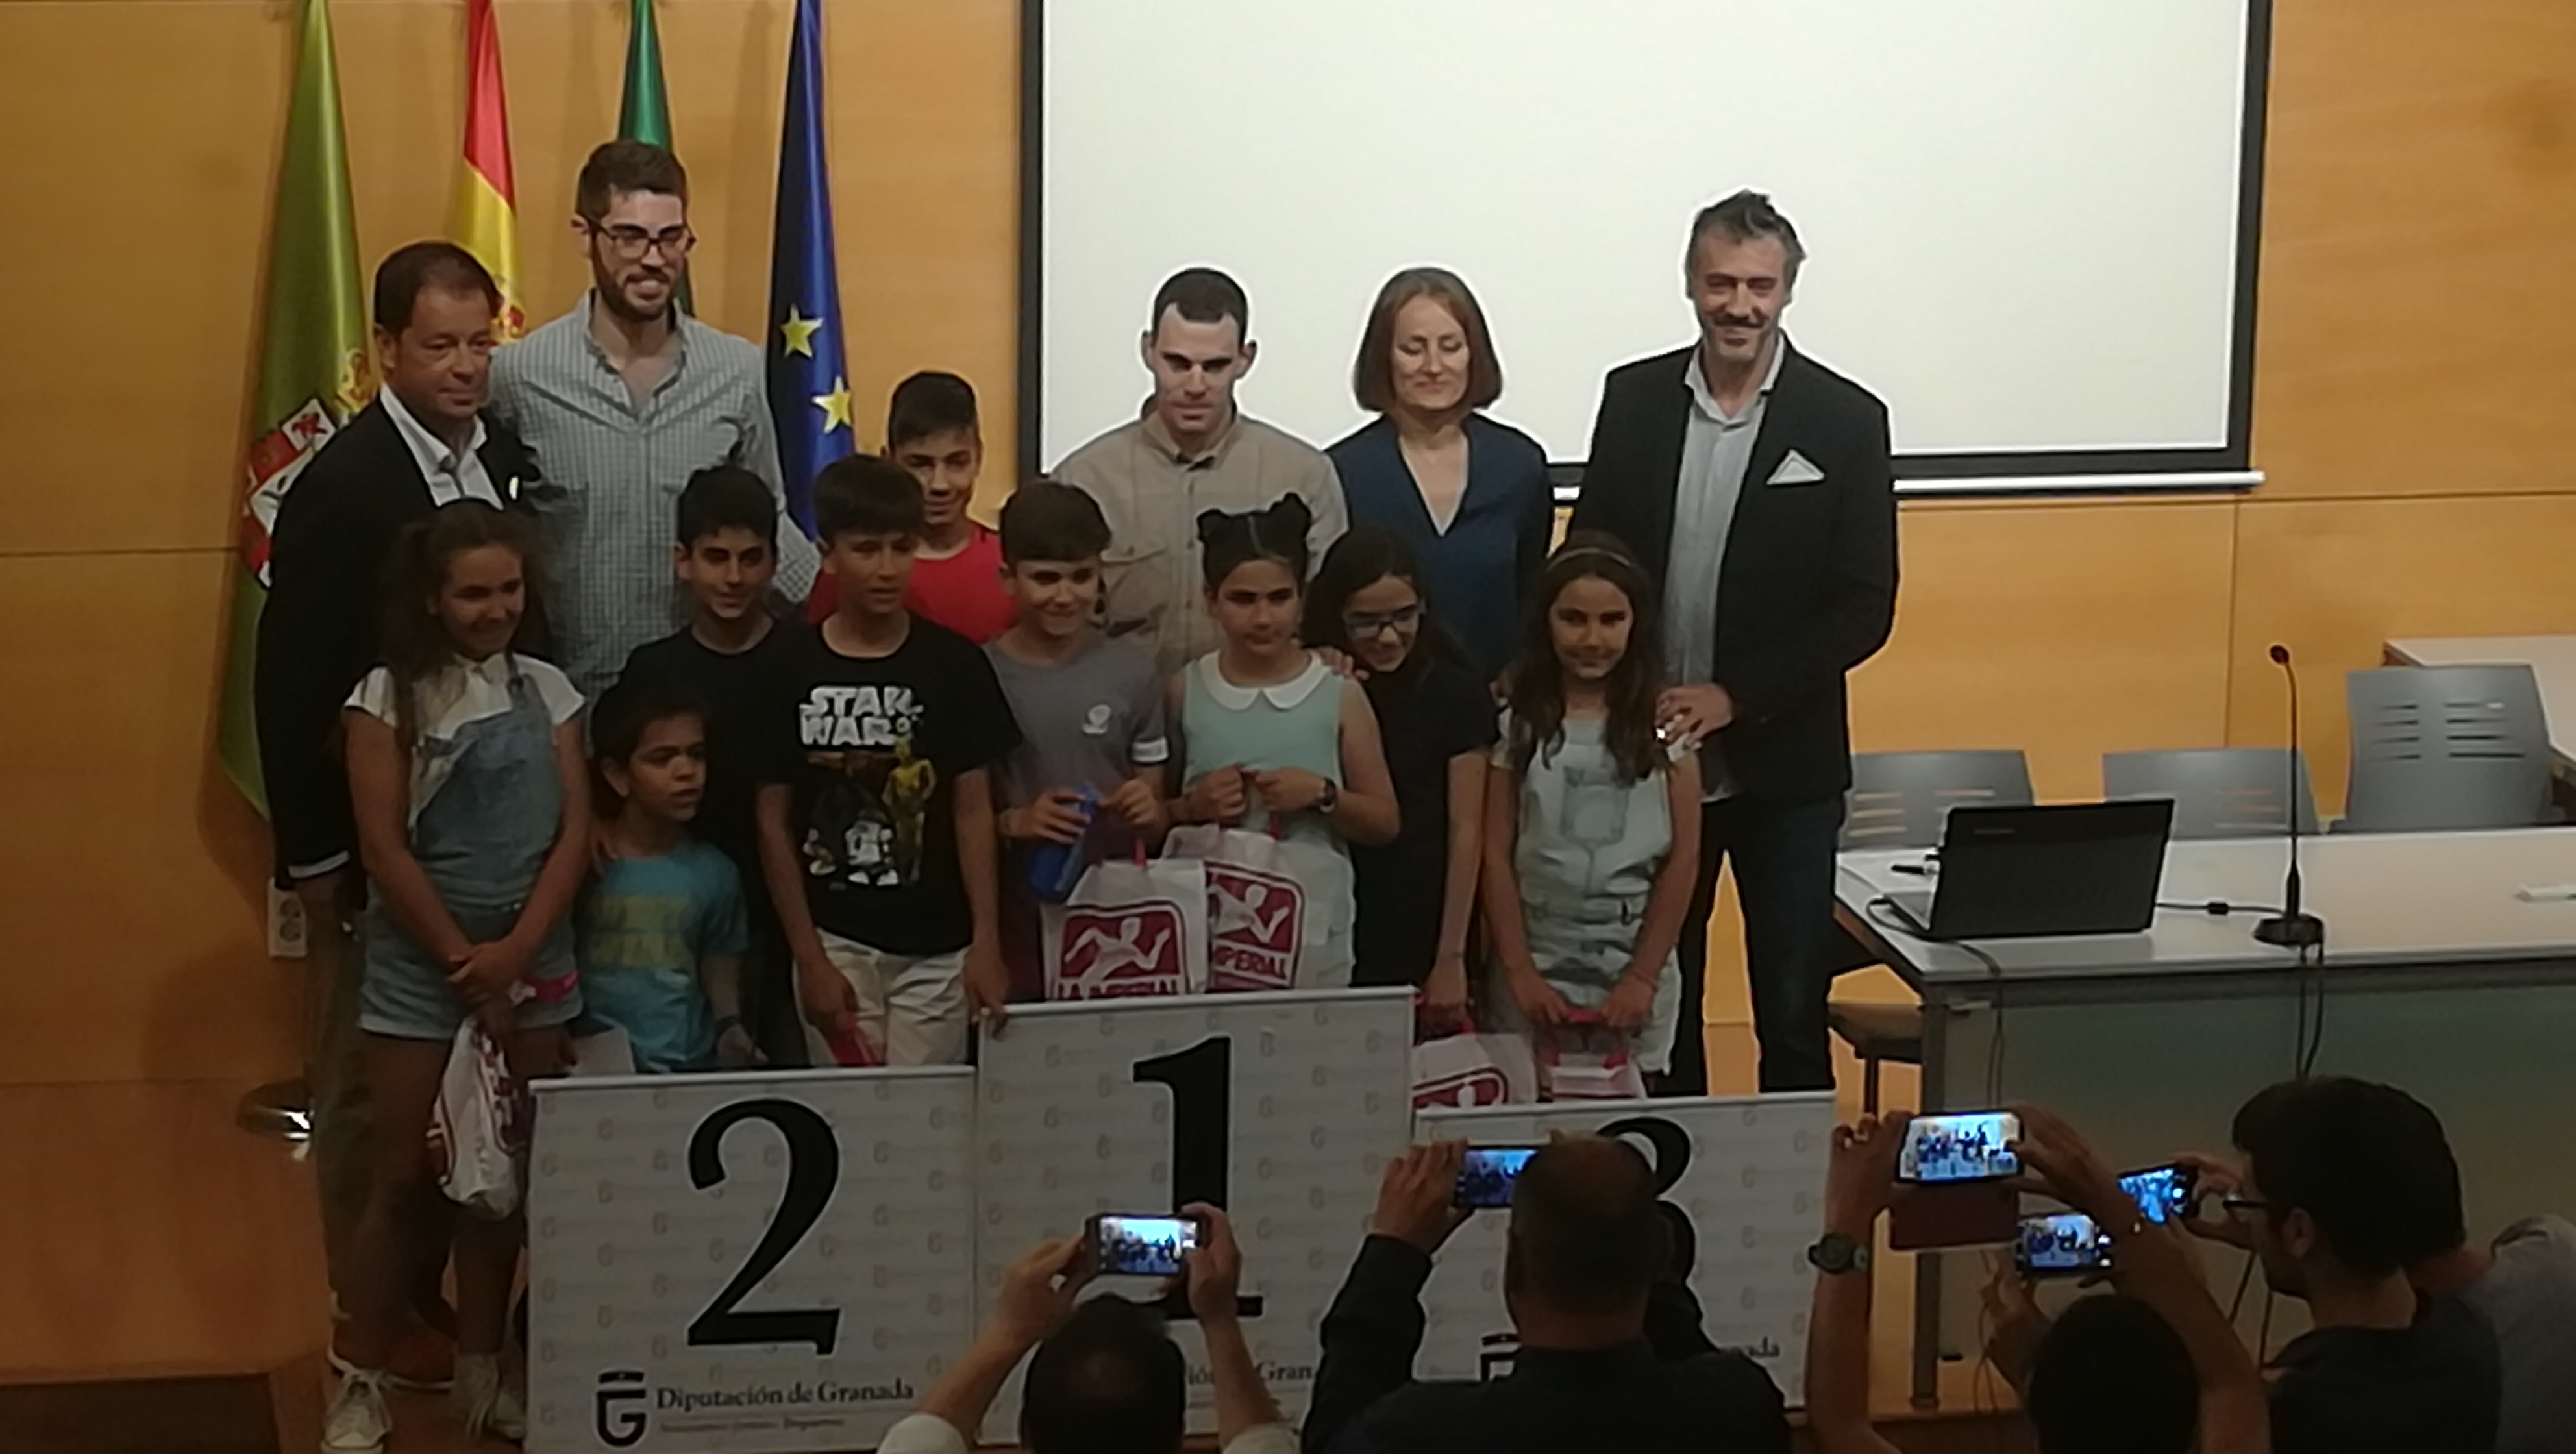 El Circuito provincial de Bádminton de Diputación finaliza con la entrega de premios a los mejores clubes